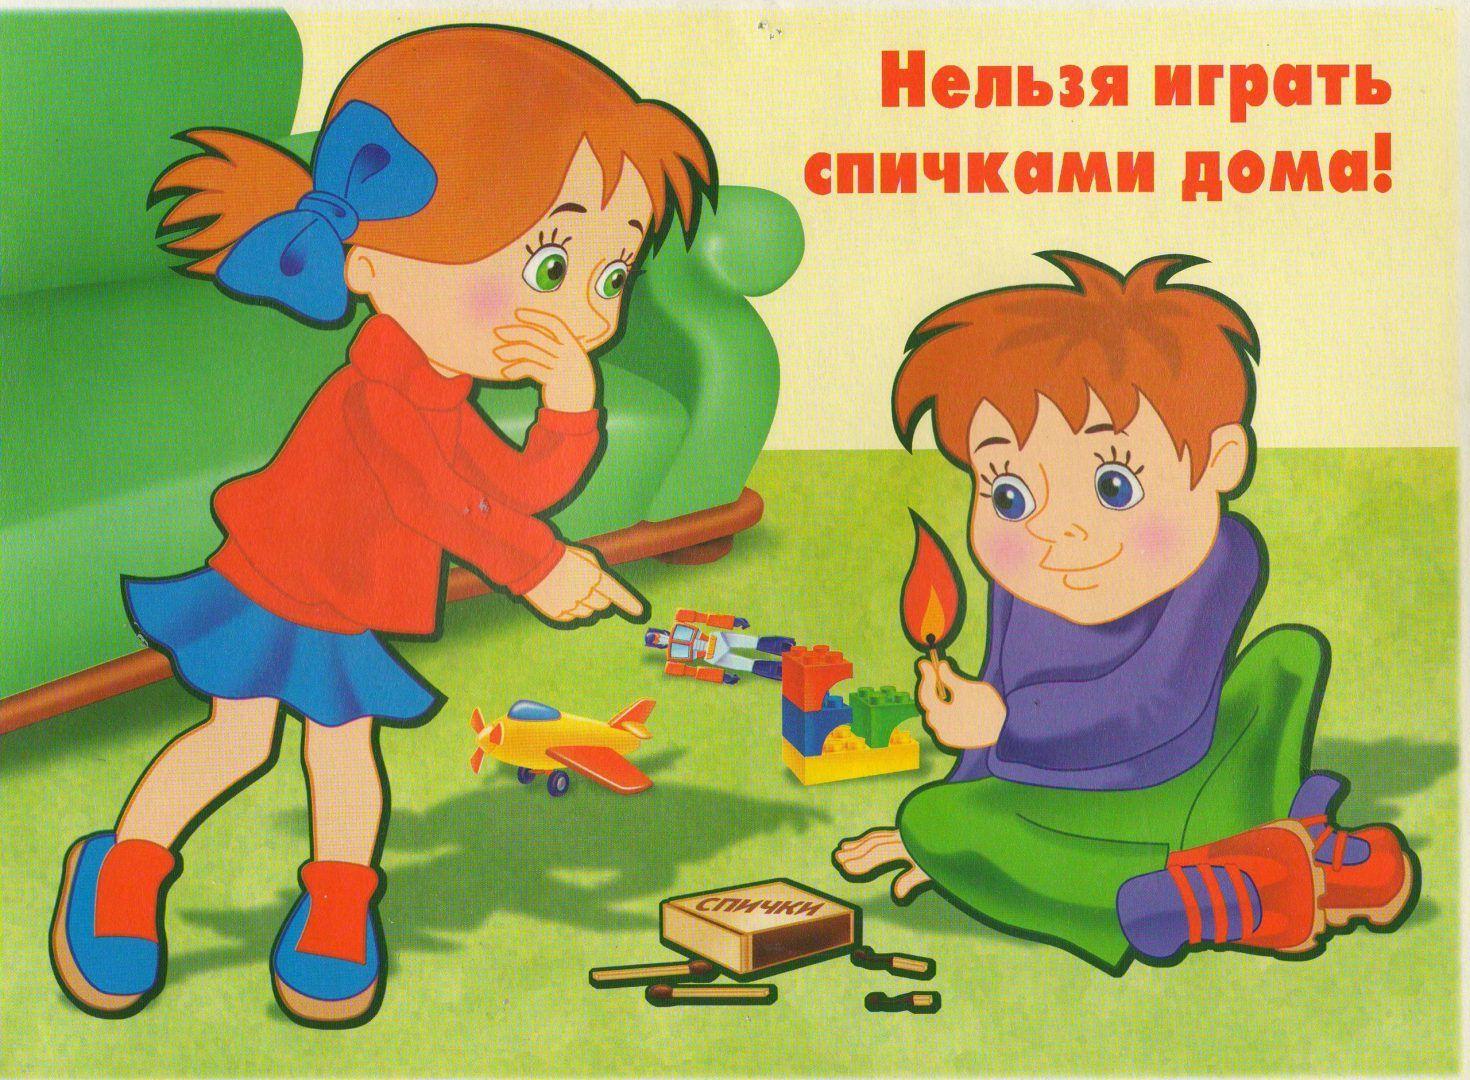 Безопасность детей - задача взрослых! Фото: пресс-служба Управления по ТиНАО ГУ МЧС России по г. Москве